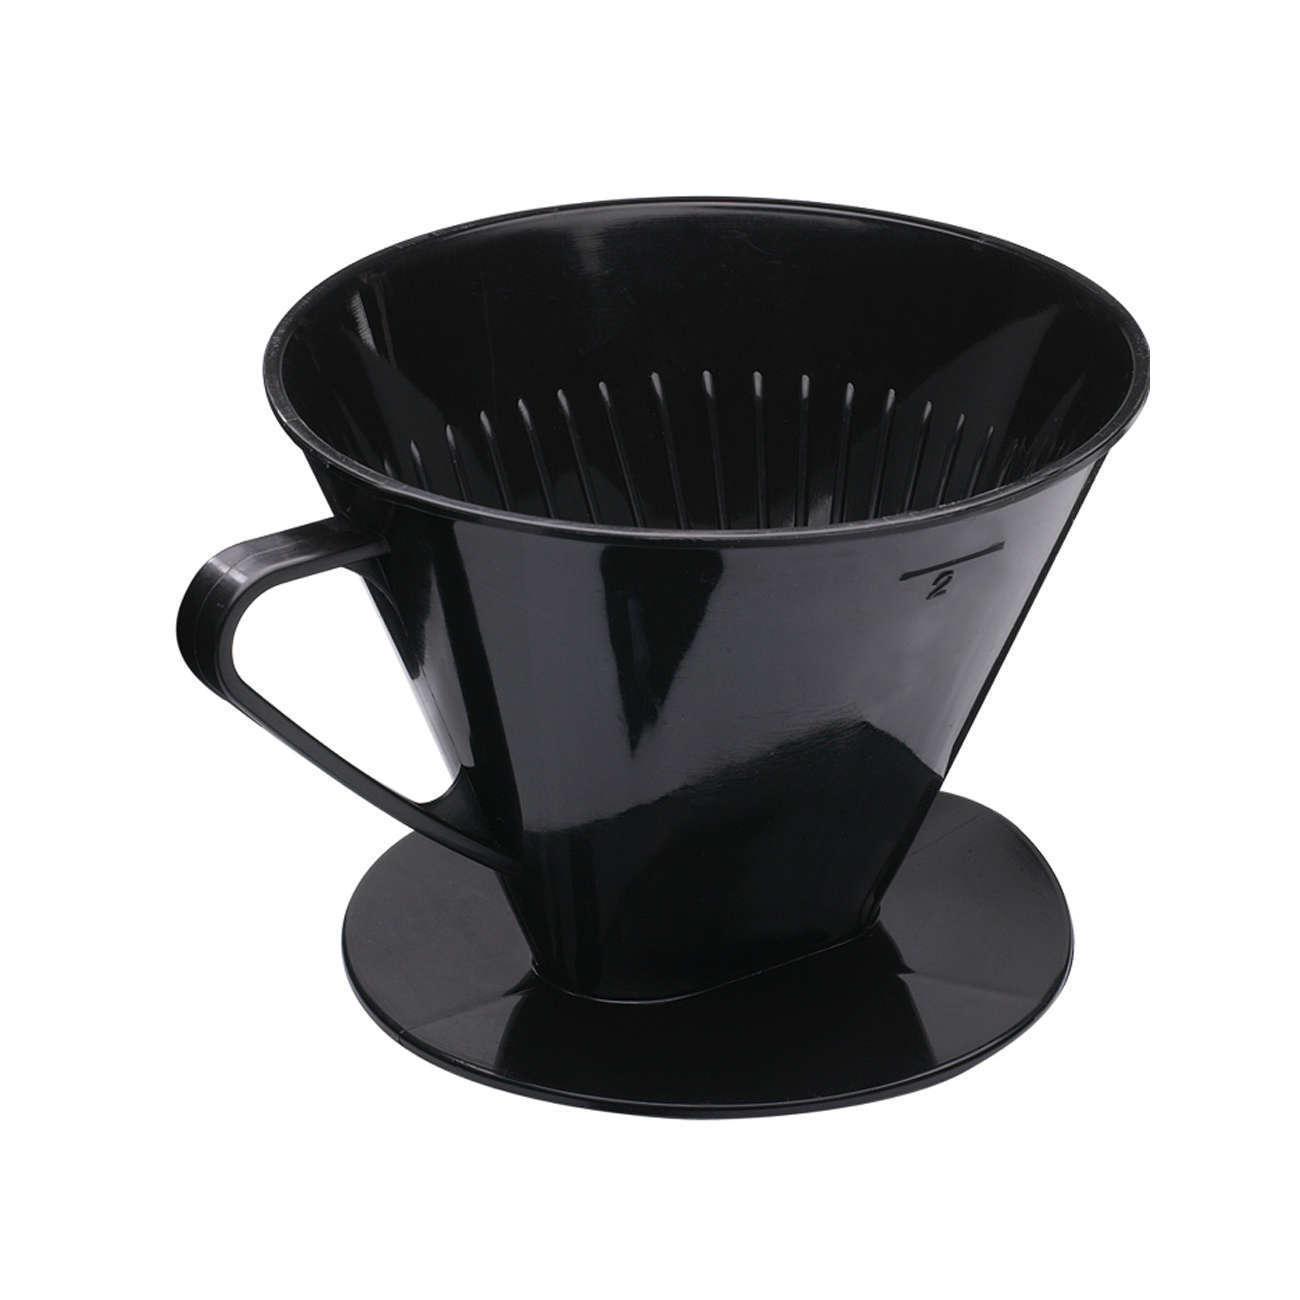 Kaffeefilter Kunststoff für 2 Tassen Kaffeeaufsatz Filter